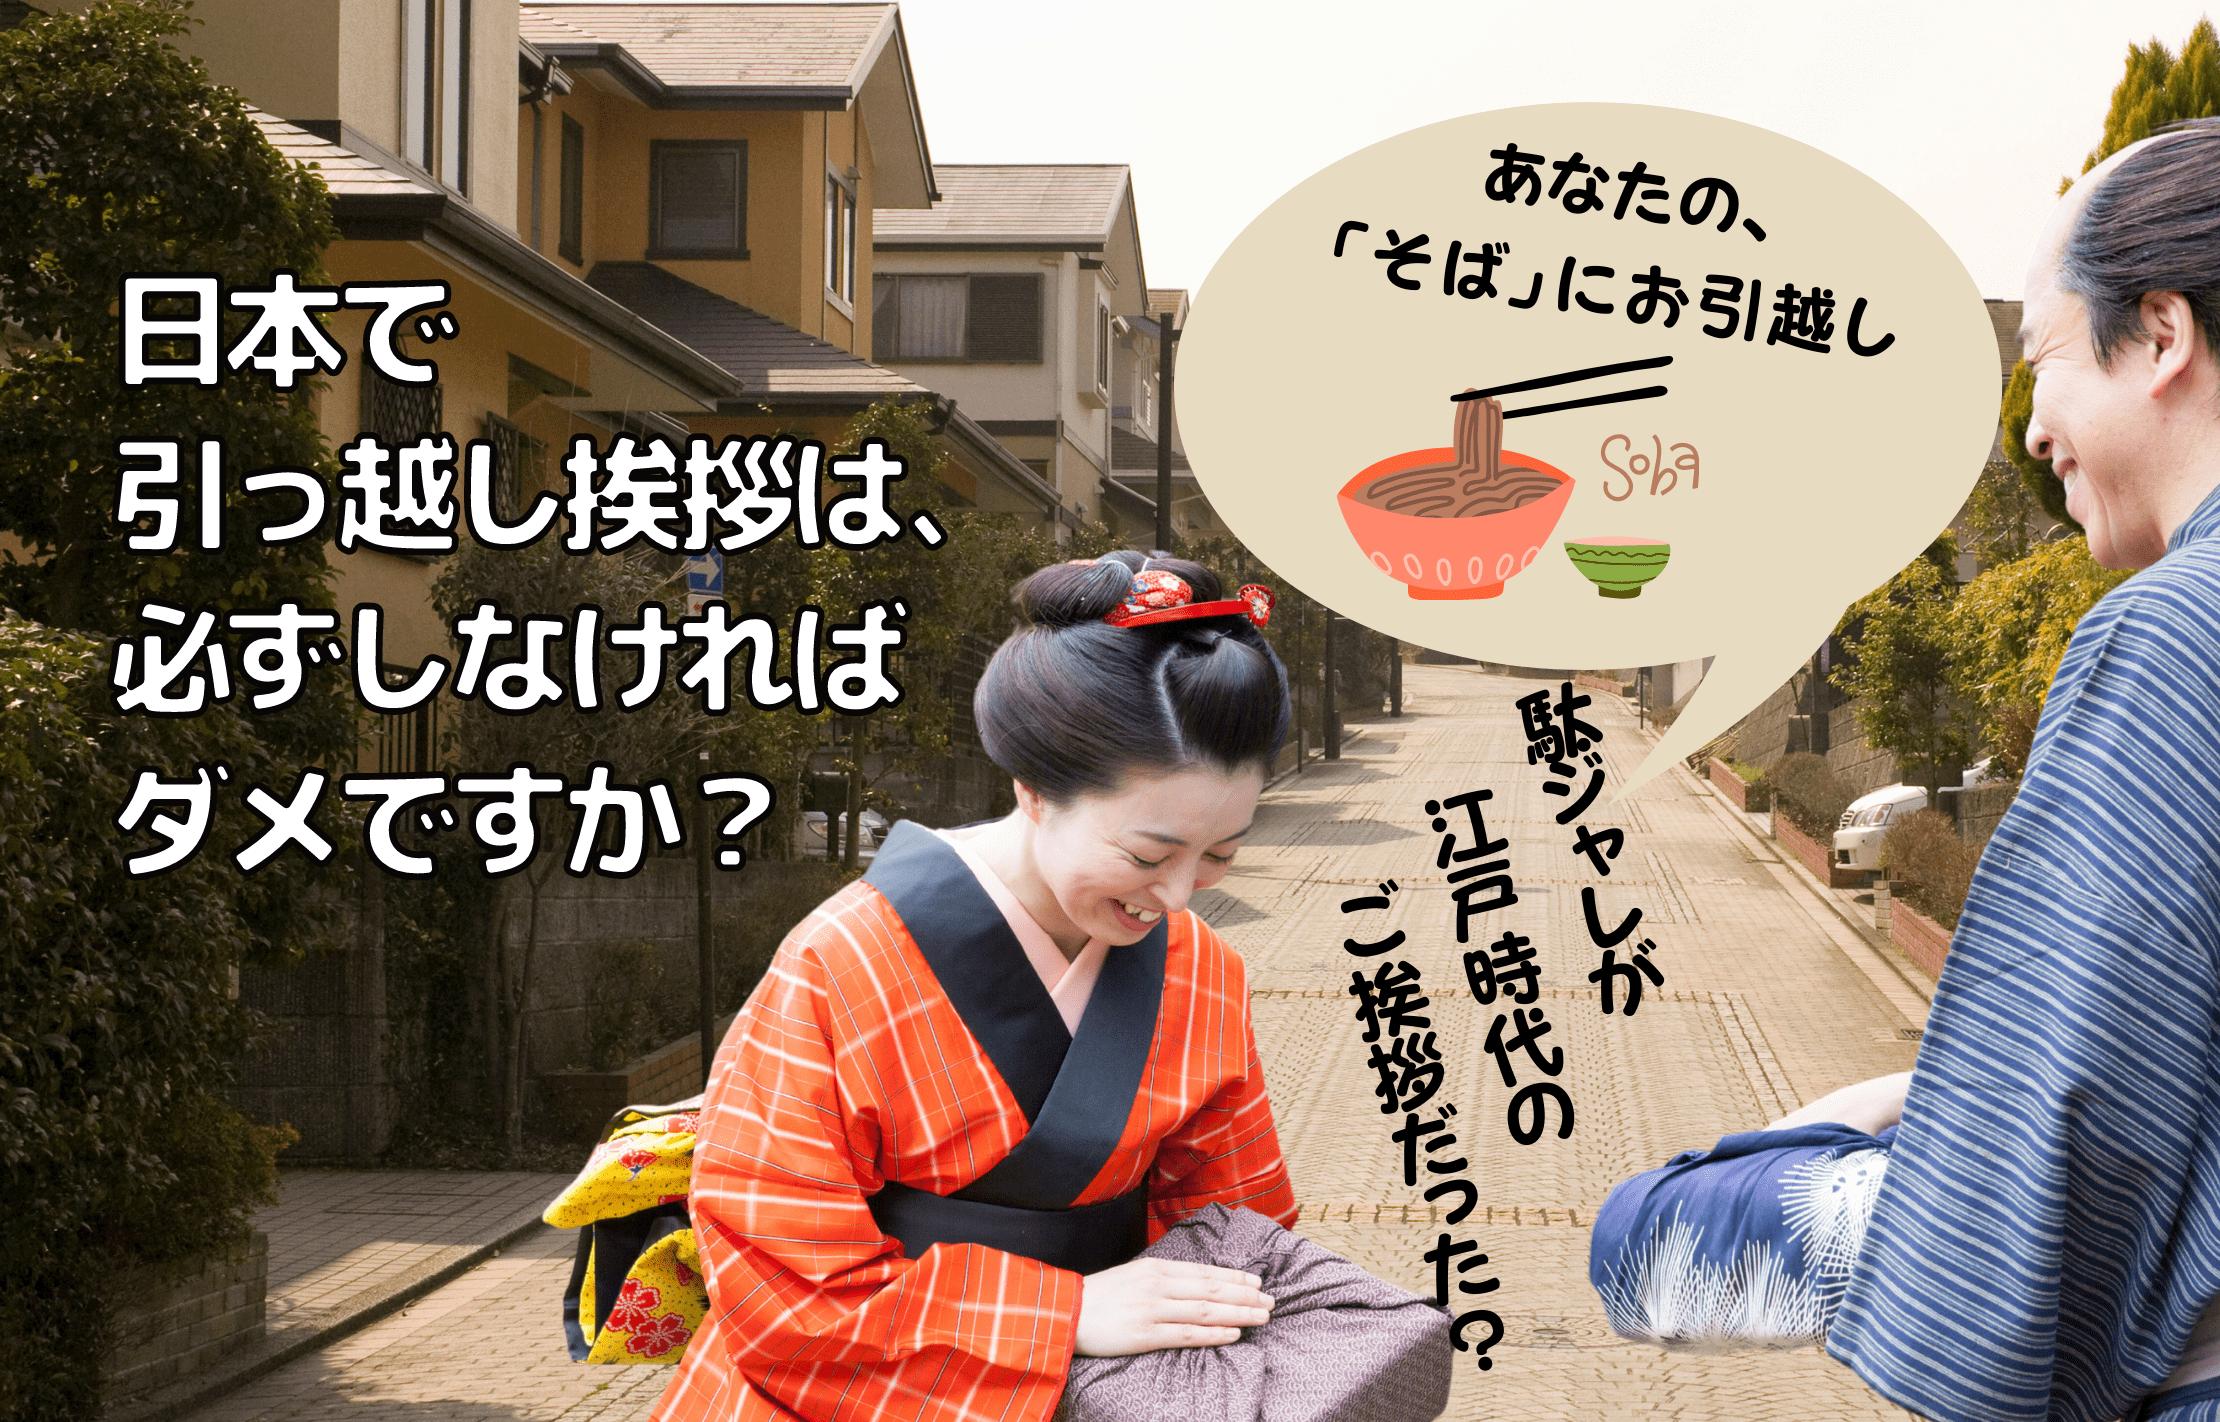 日本で引っ越し挨拶は、必ずしなければダメですか?